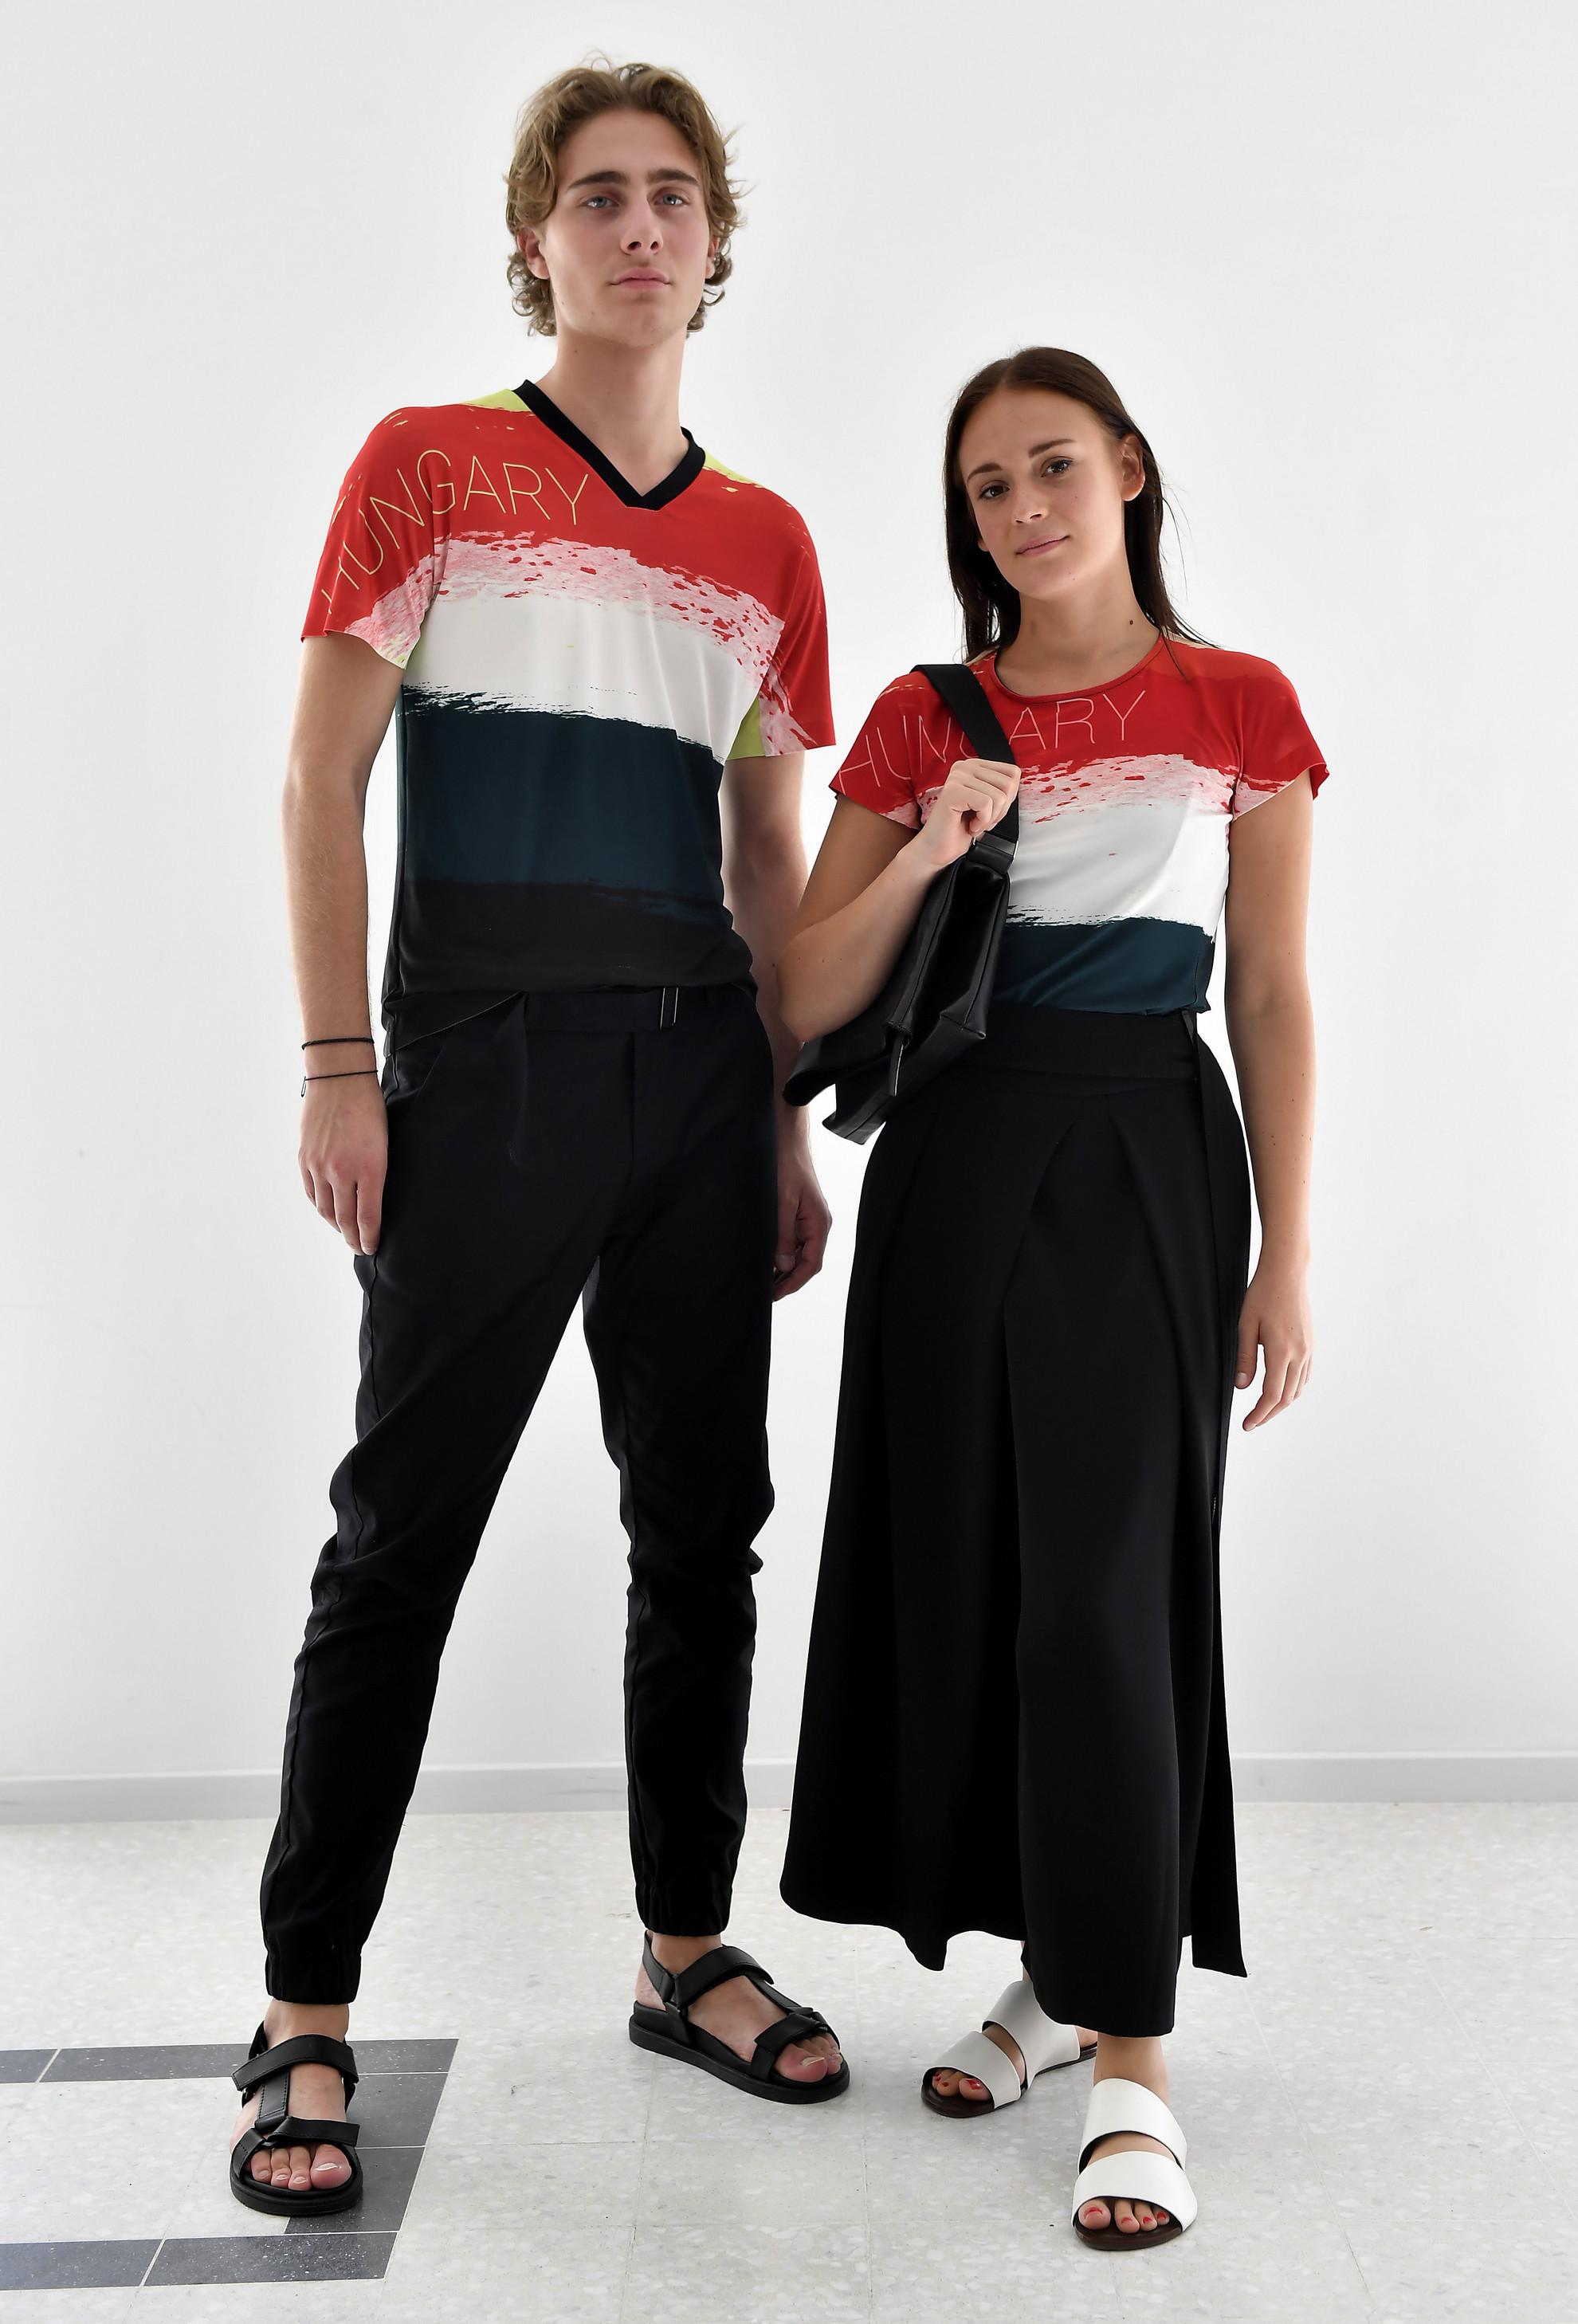 Modellek a magyar olimpikonok és paralimpikonok, a 2020-as tokiói olimpiára tervezett formaruháit bemutató sajtótájékoztatón